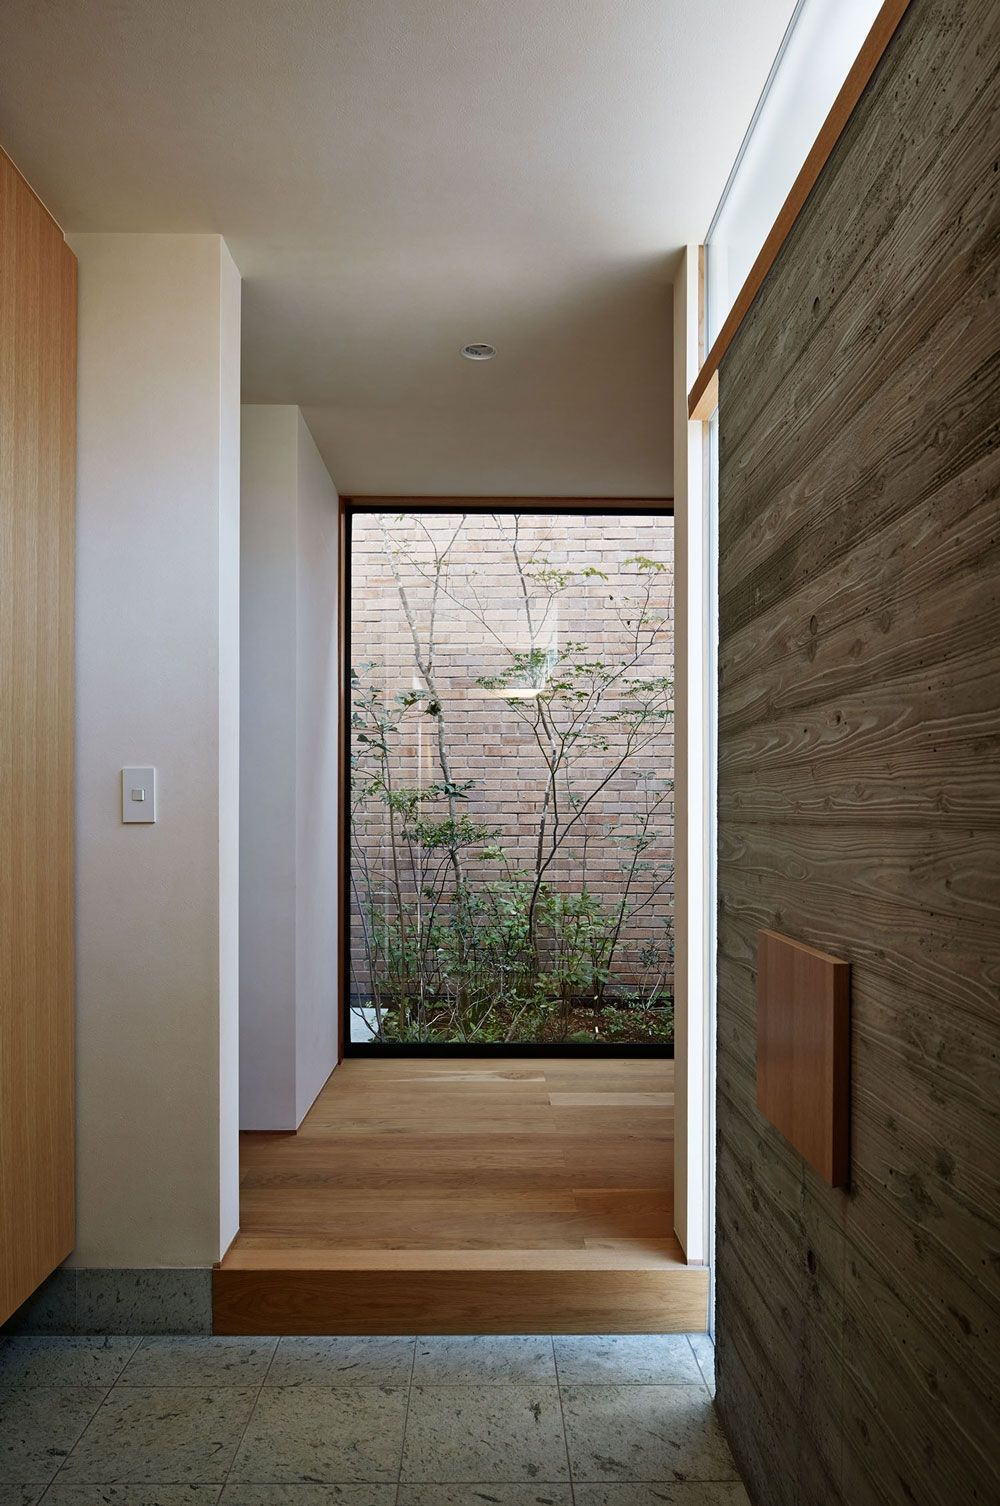 一級建築士事務所 フジハラアーキテクツ 一級建築士 藤原誠司 兵庫県